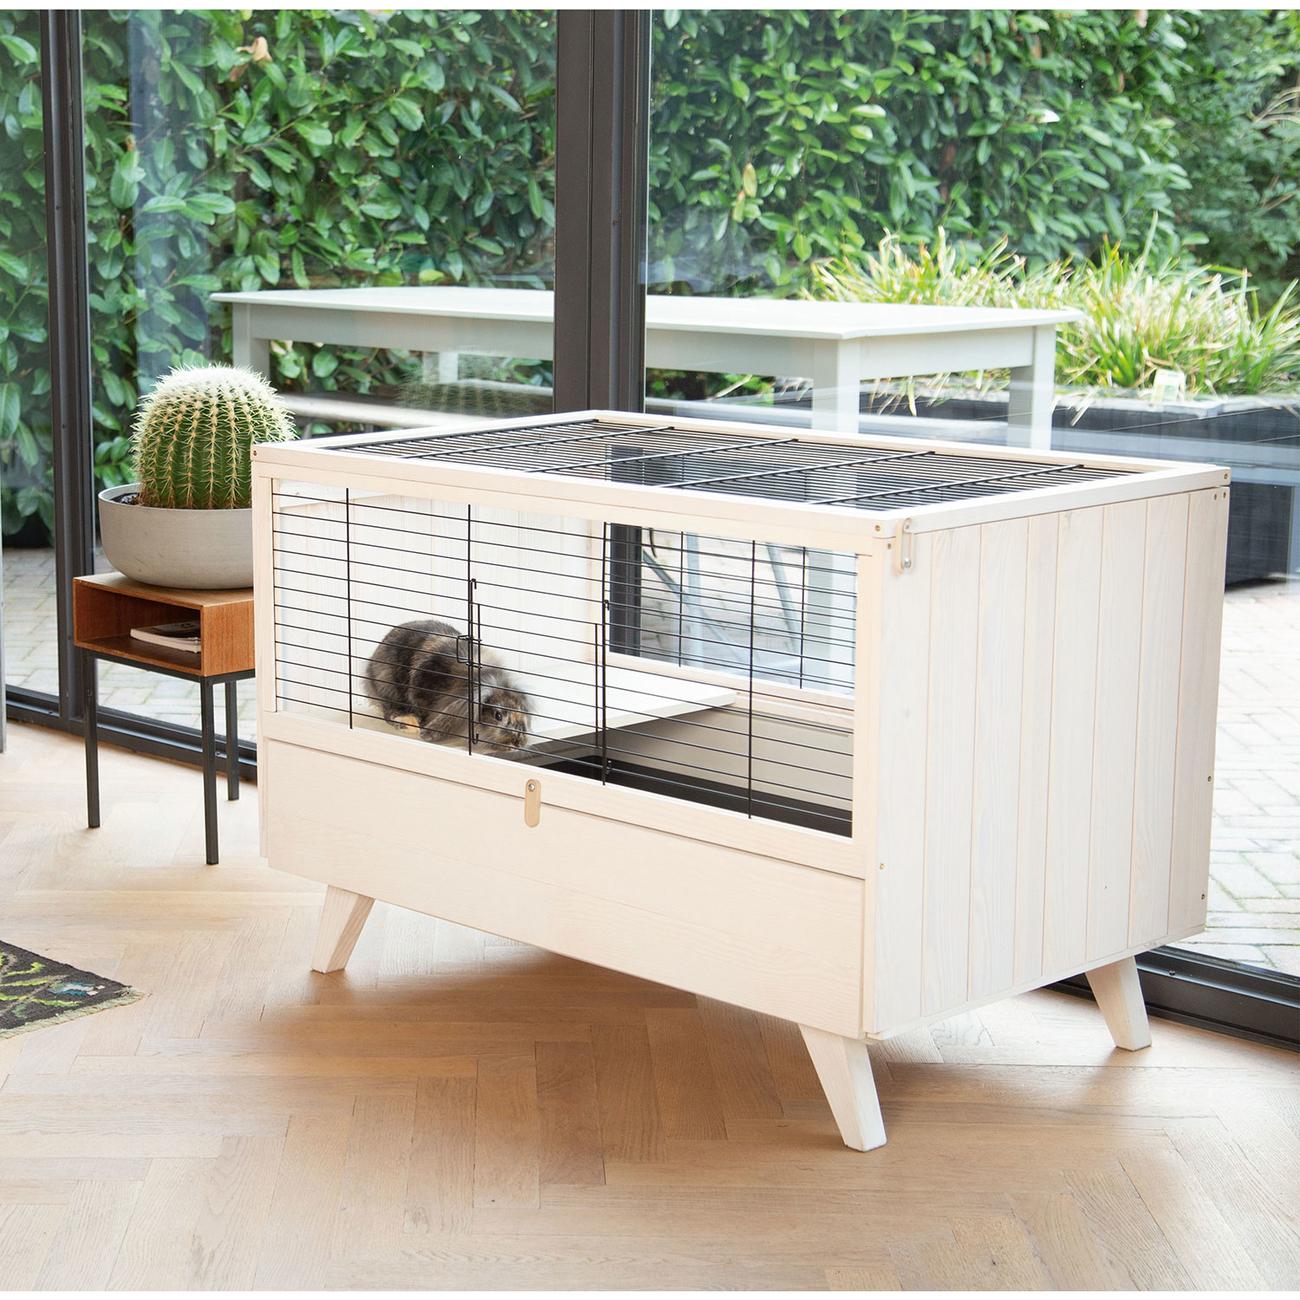 Beeztees Kaninchenkäfig für Drinnen, Bild 6